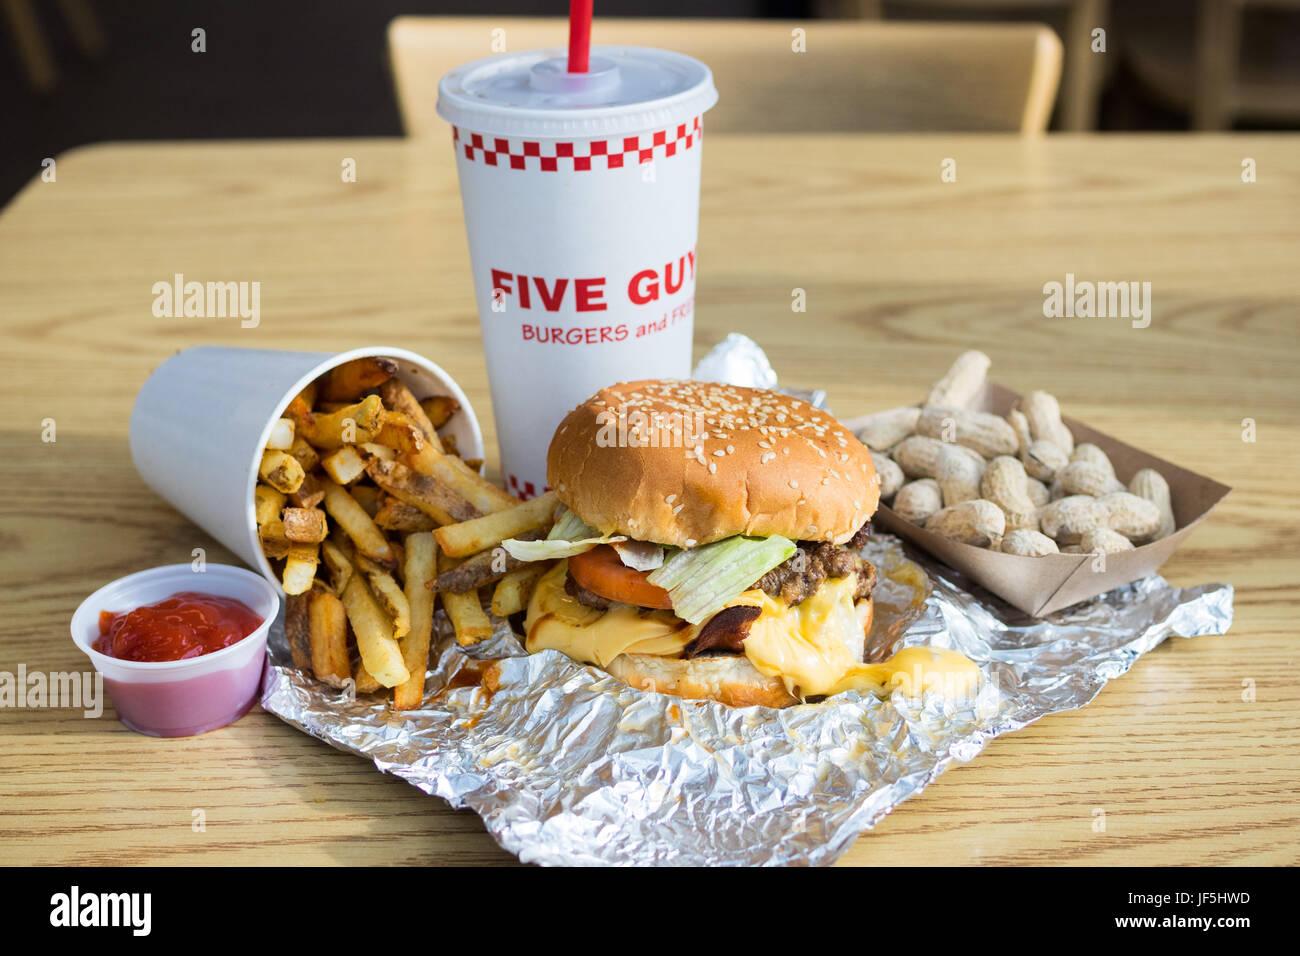 Un bacon cheeseburger, frites, et les arachides, de cinq gars les hamburgers et les frites, une chaîne de restaurants Photo Stock